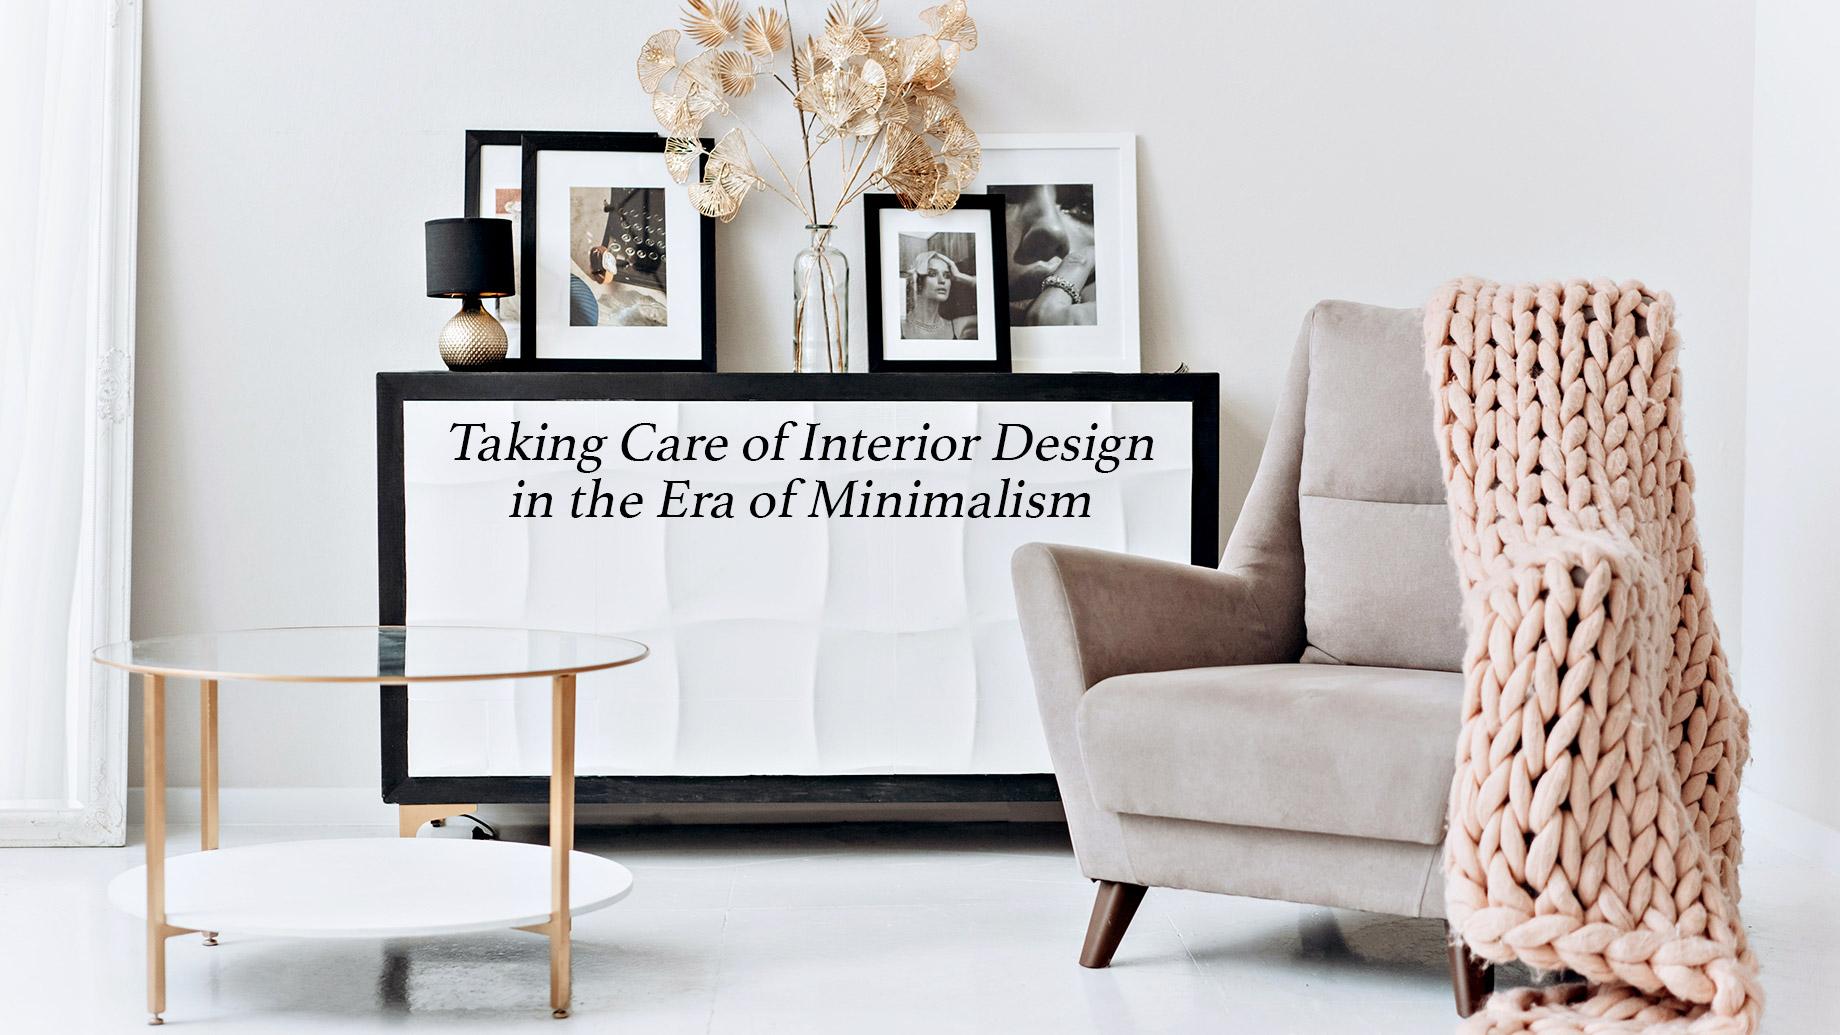 Taking Care of Interior Design in the Era of Minimalism